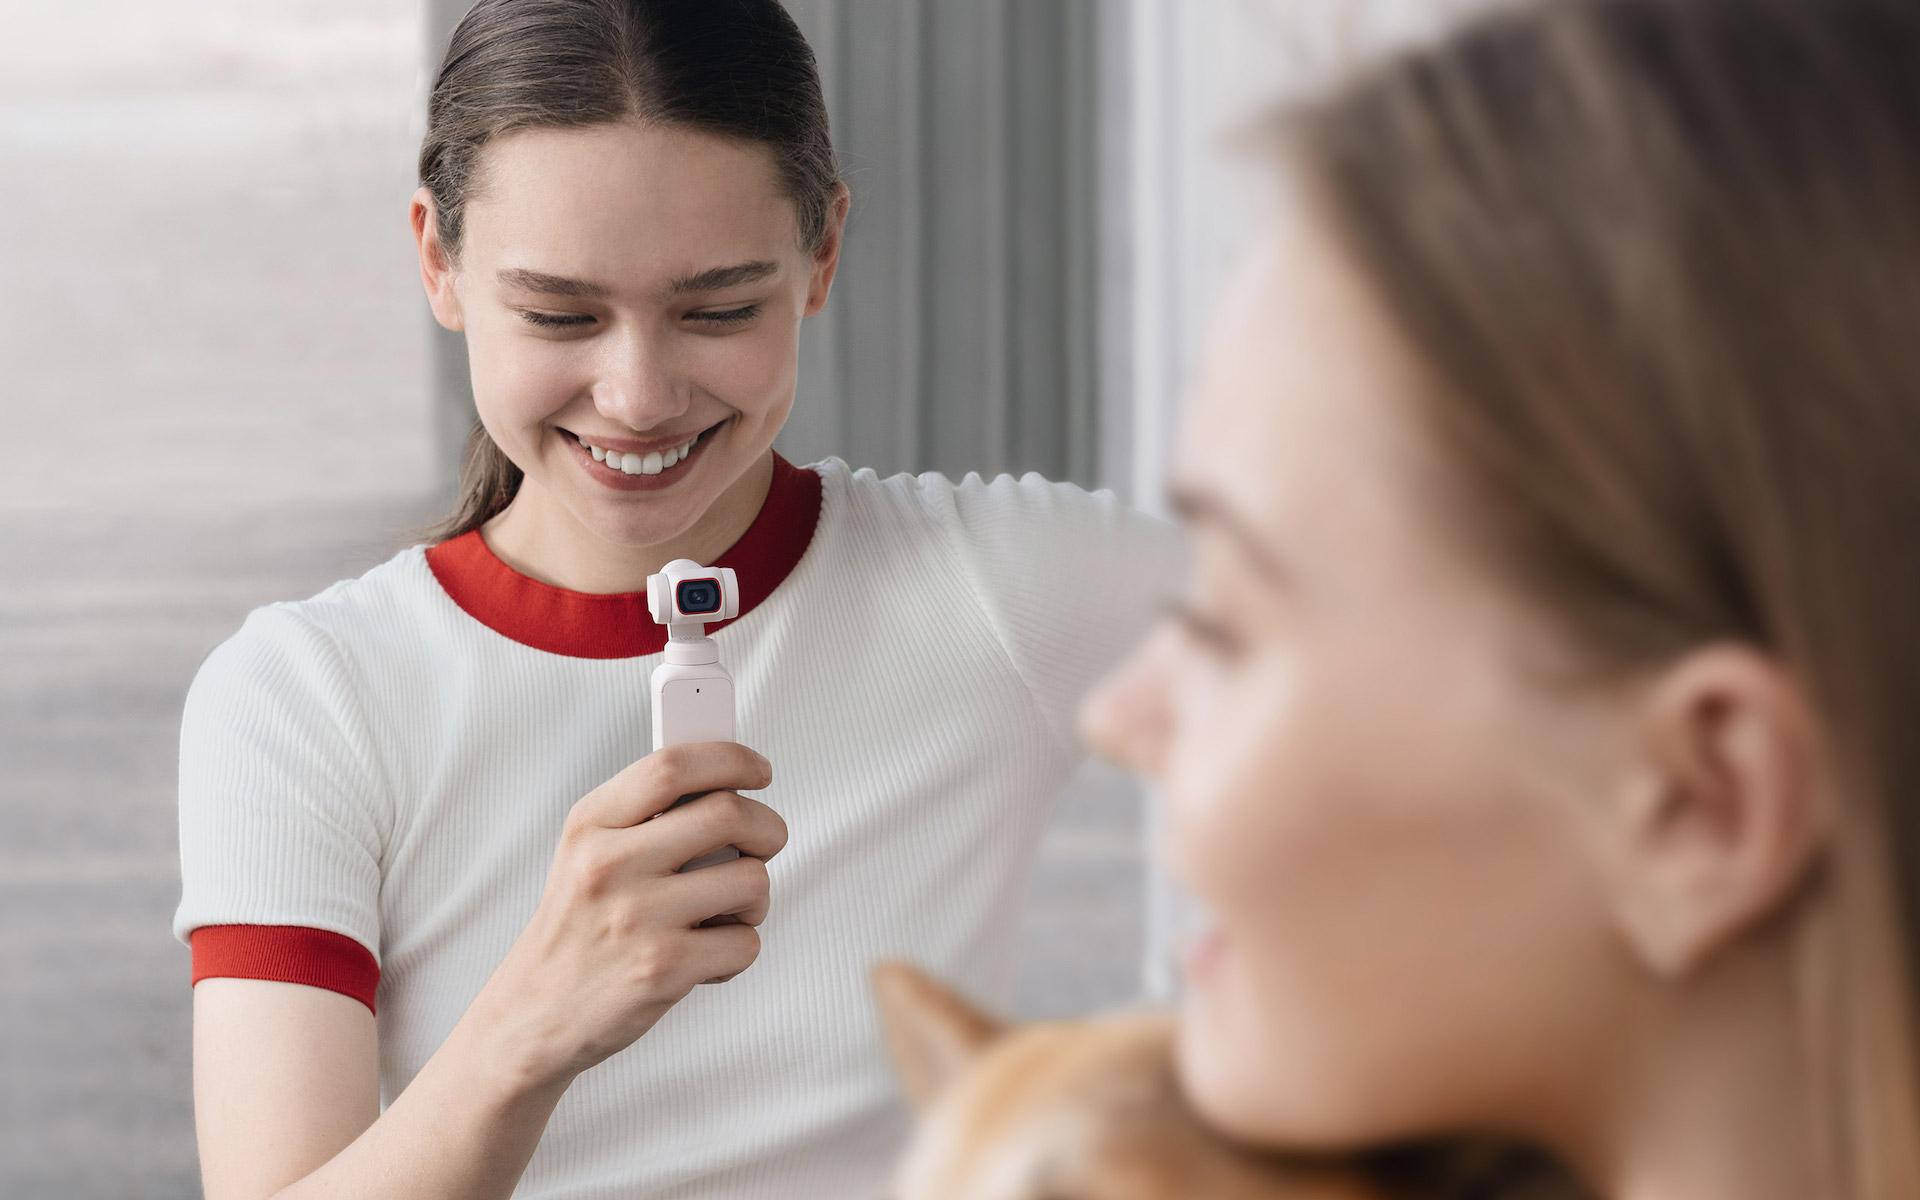 白色控注意! DJI 推 Pocket 2 雲暮白限定套裝 定價 2999 人民幣